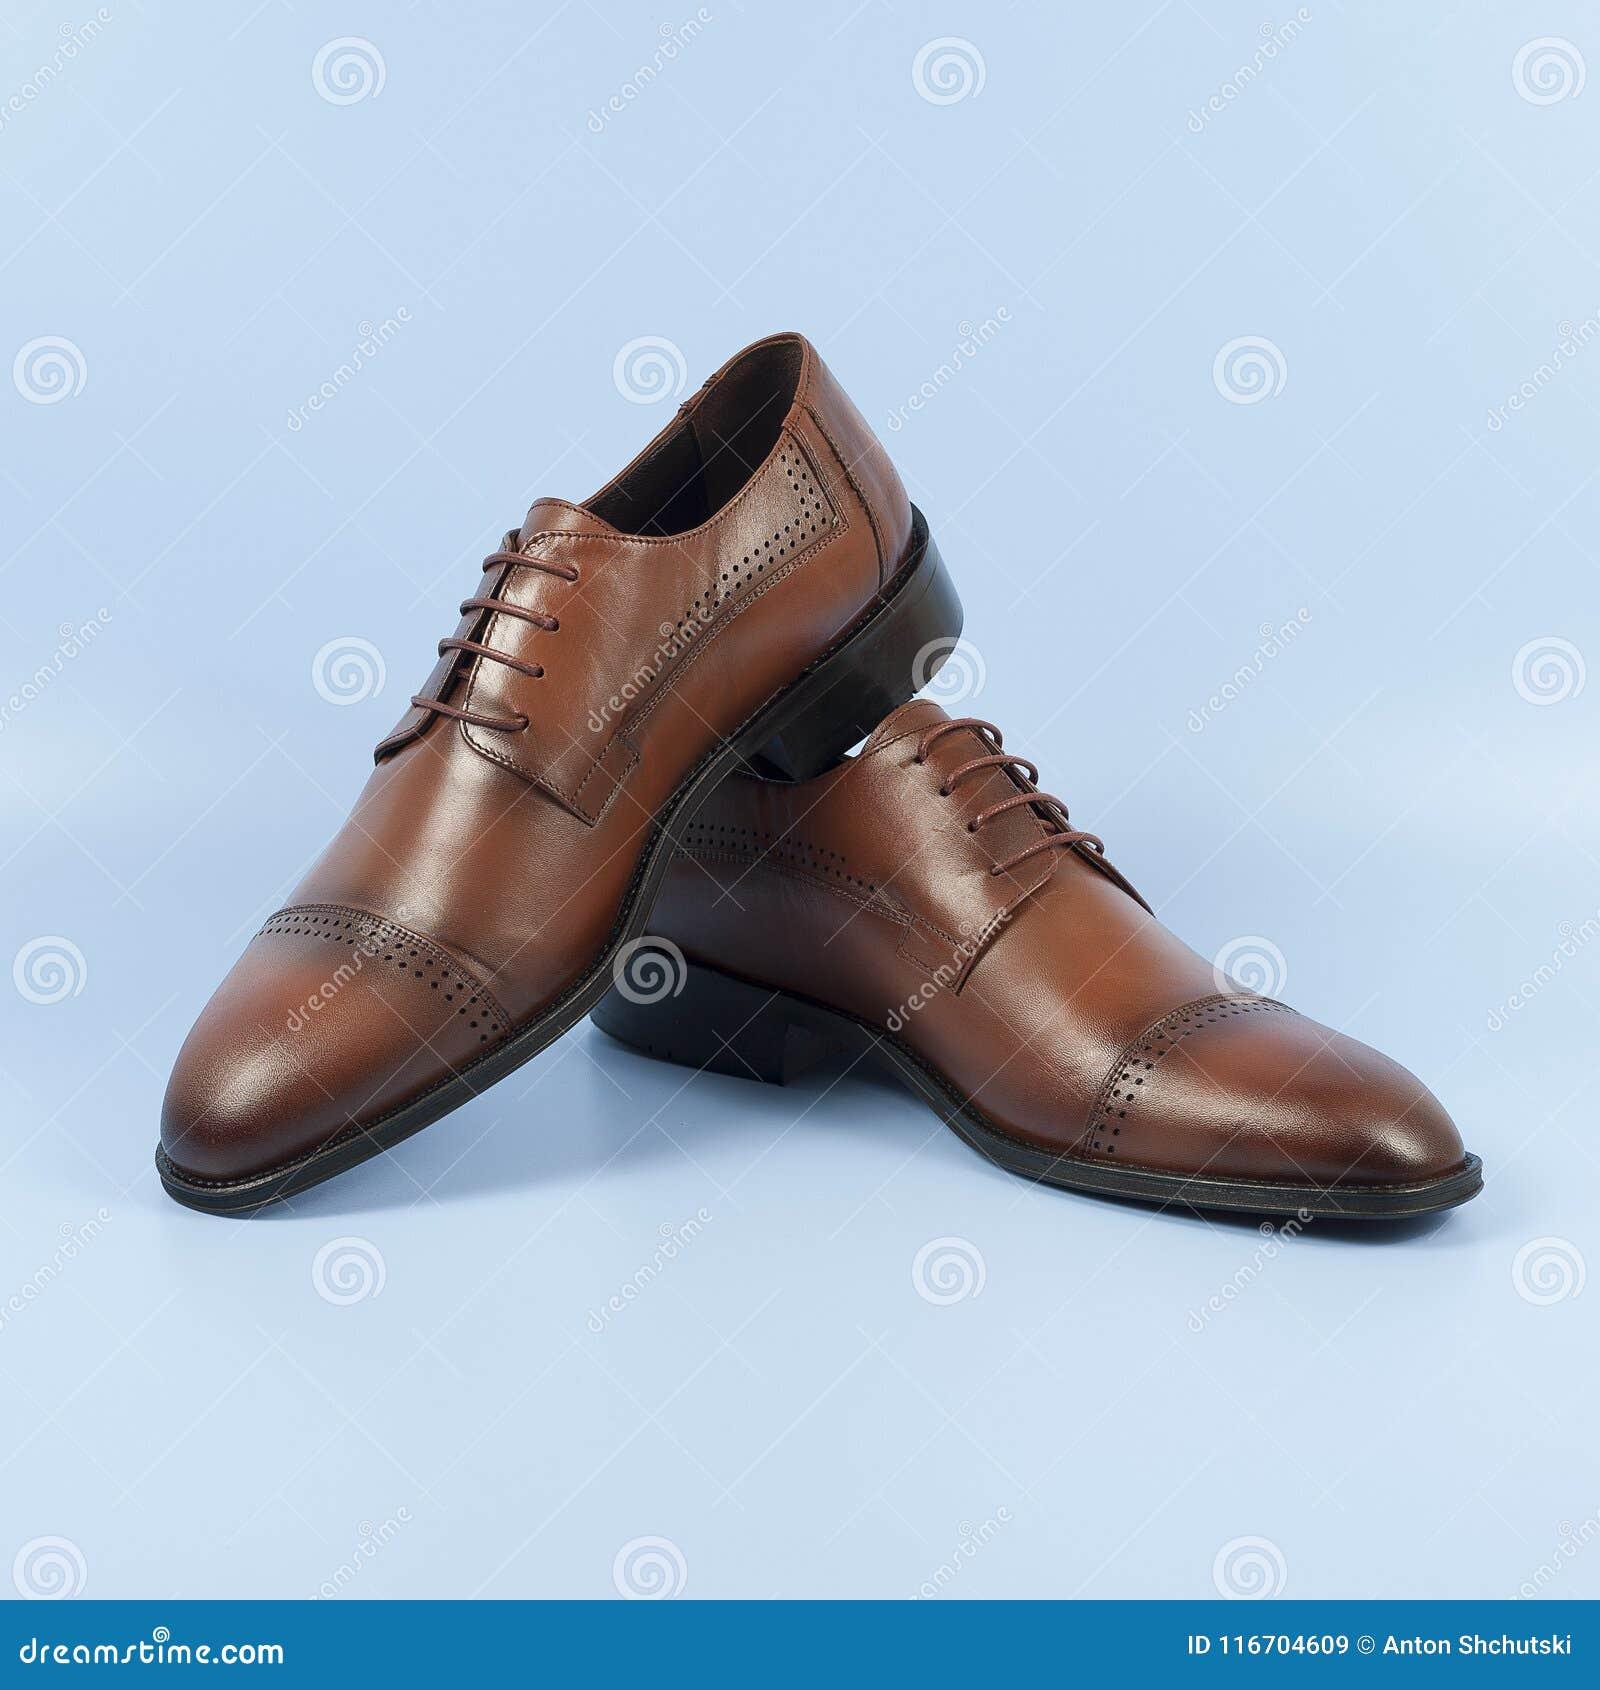 a4f30c1f01 Zapatos Marrones Masculinos Aislados En El Fondo Azul Imagen de ...